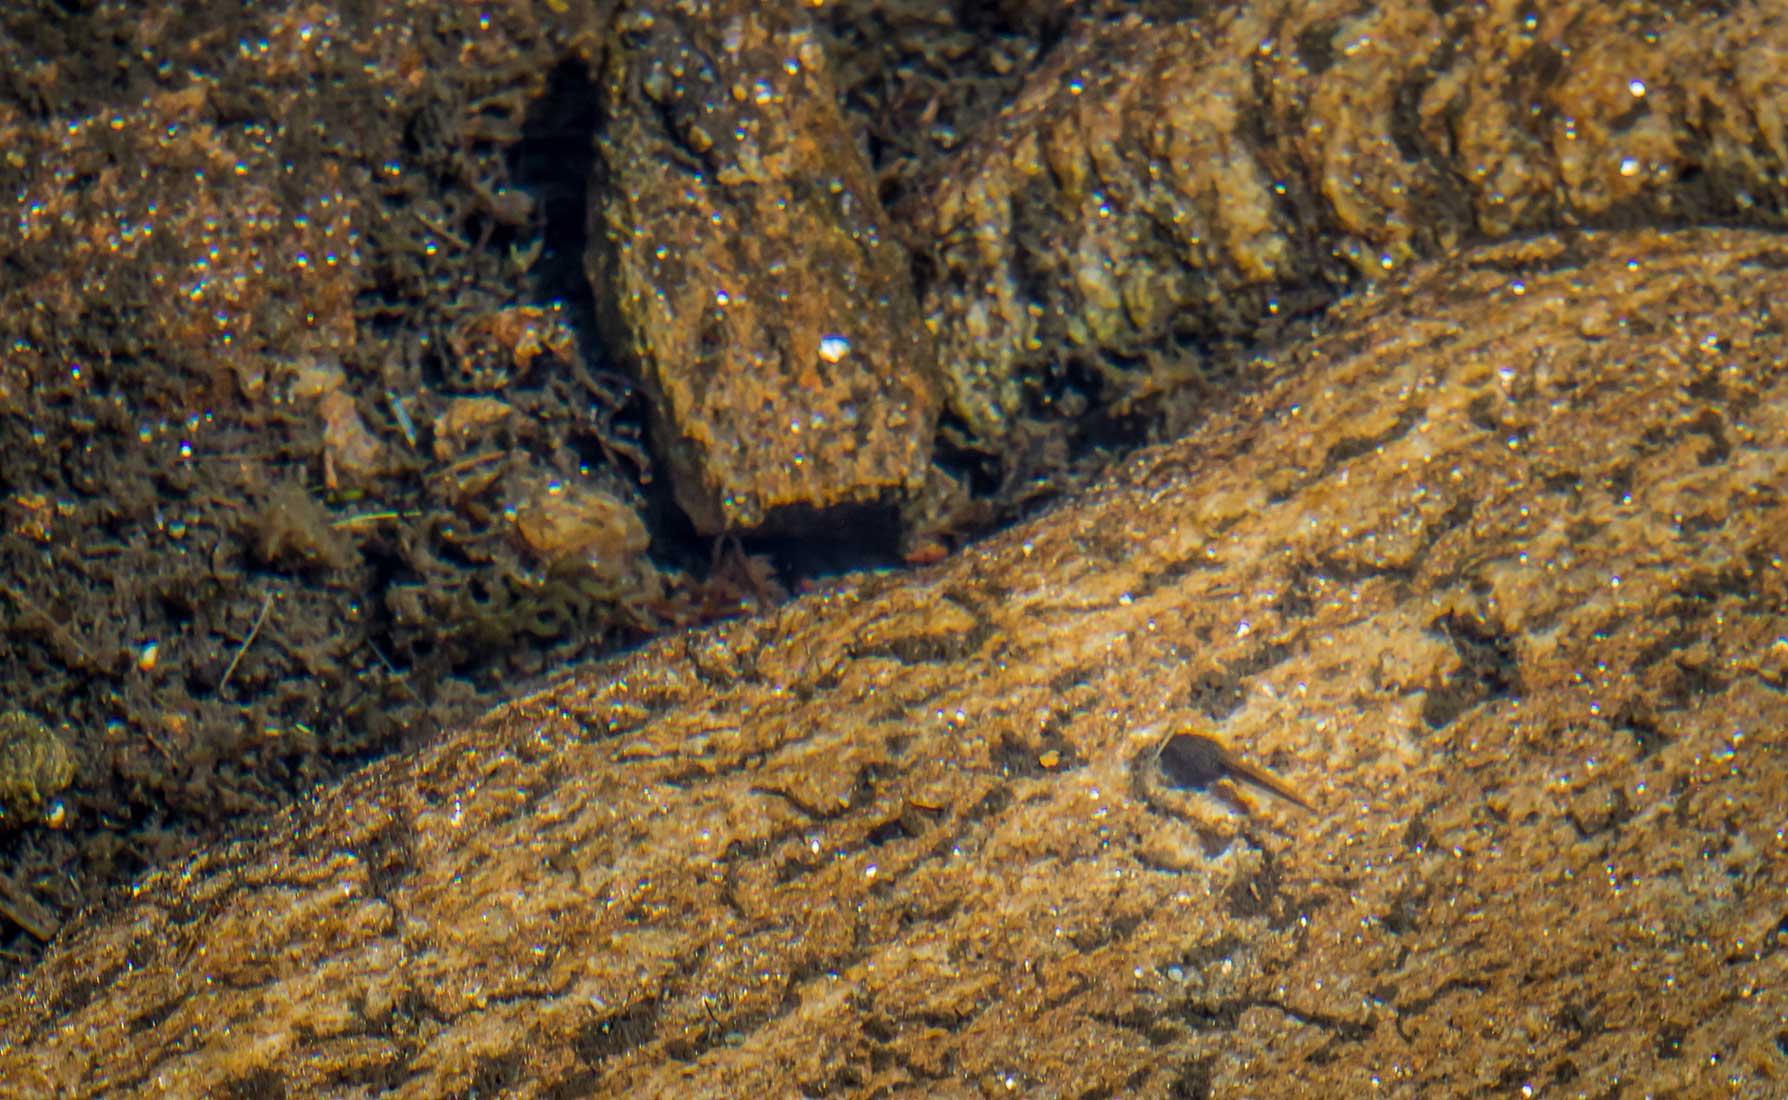 Un girino di rana temporaria nelle limpide acqua del Lago della Barma